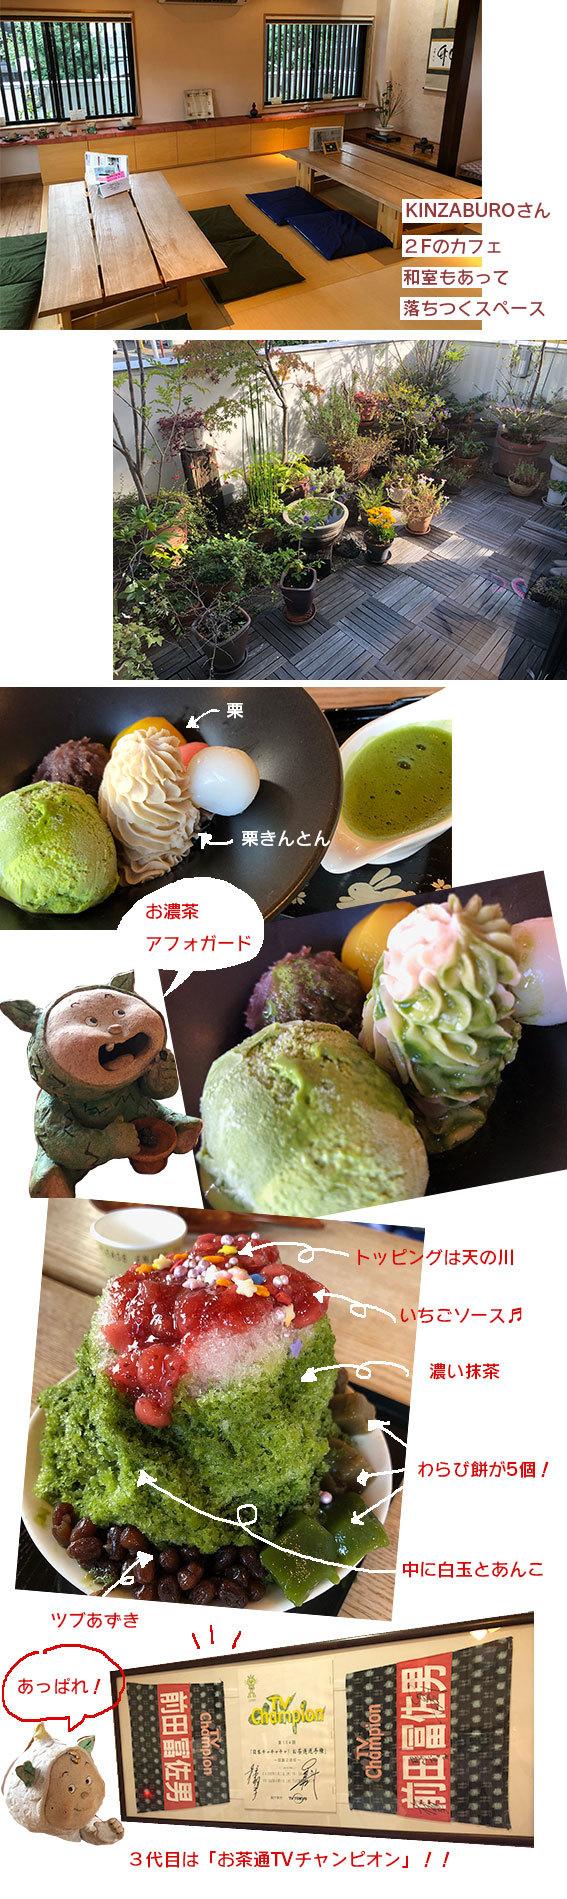 雨が降らなかった;;&茶町・KINZABUROさんへ&花梨ちゃんを大好きな龍馬_d0071596_23243162.jpg